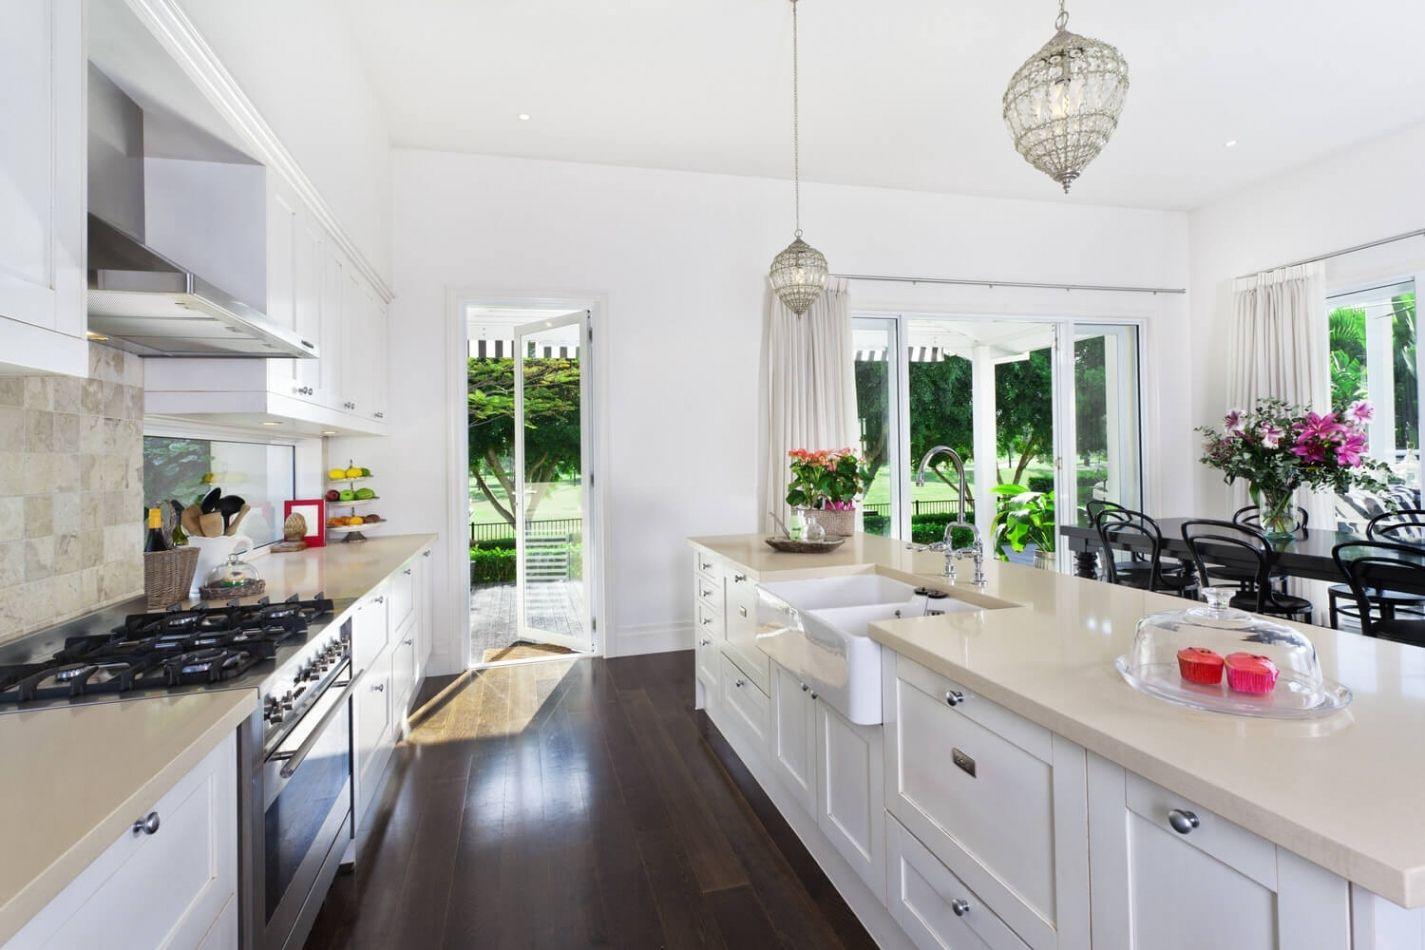 Attraktiv Offene Küche Wohnzimmer Bilder | Wohnzimmer ideen ...